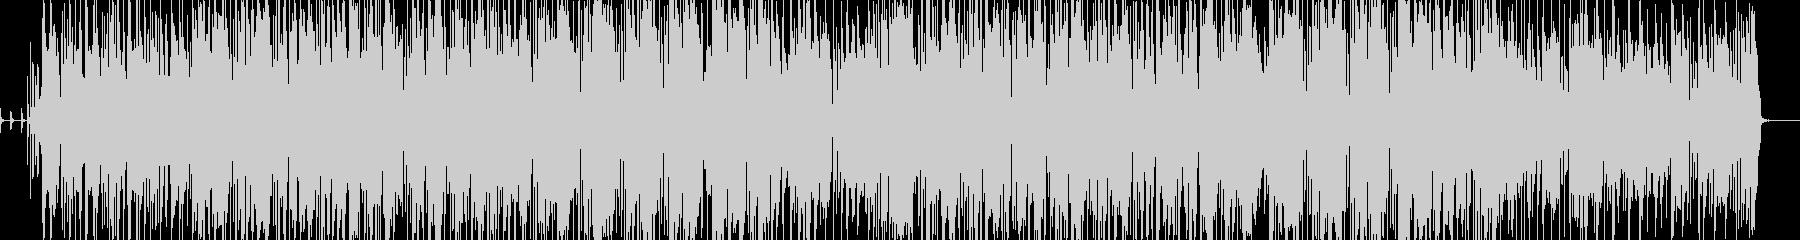 ワンルームミュージシャンの歌の未再生の波形